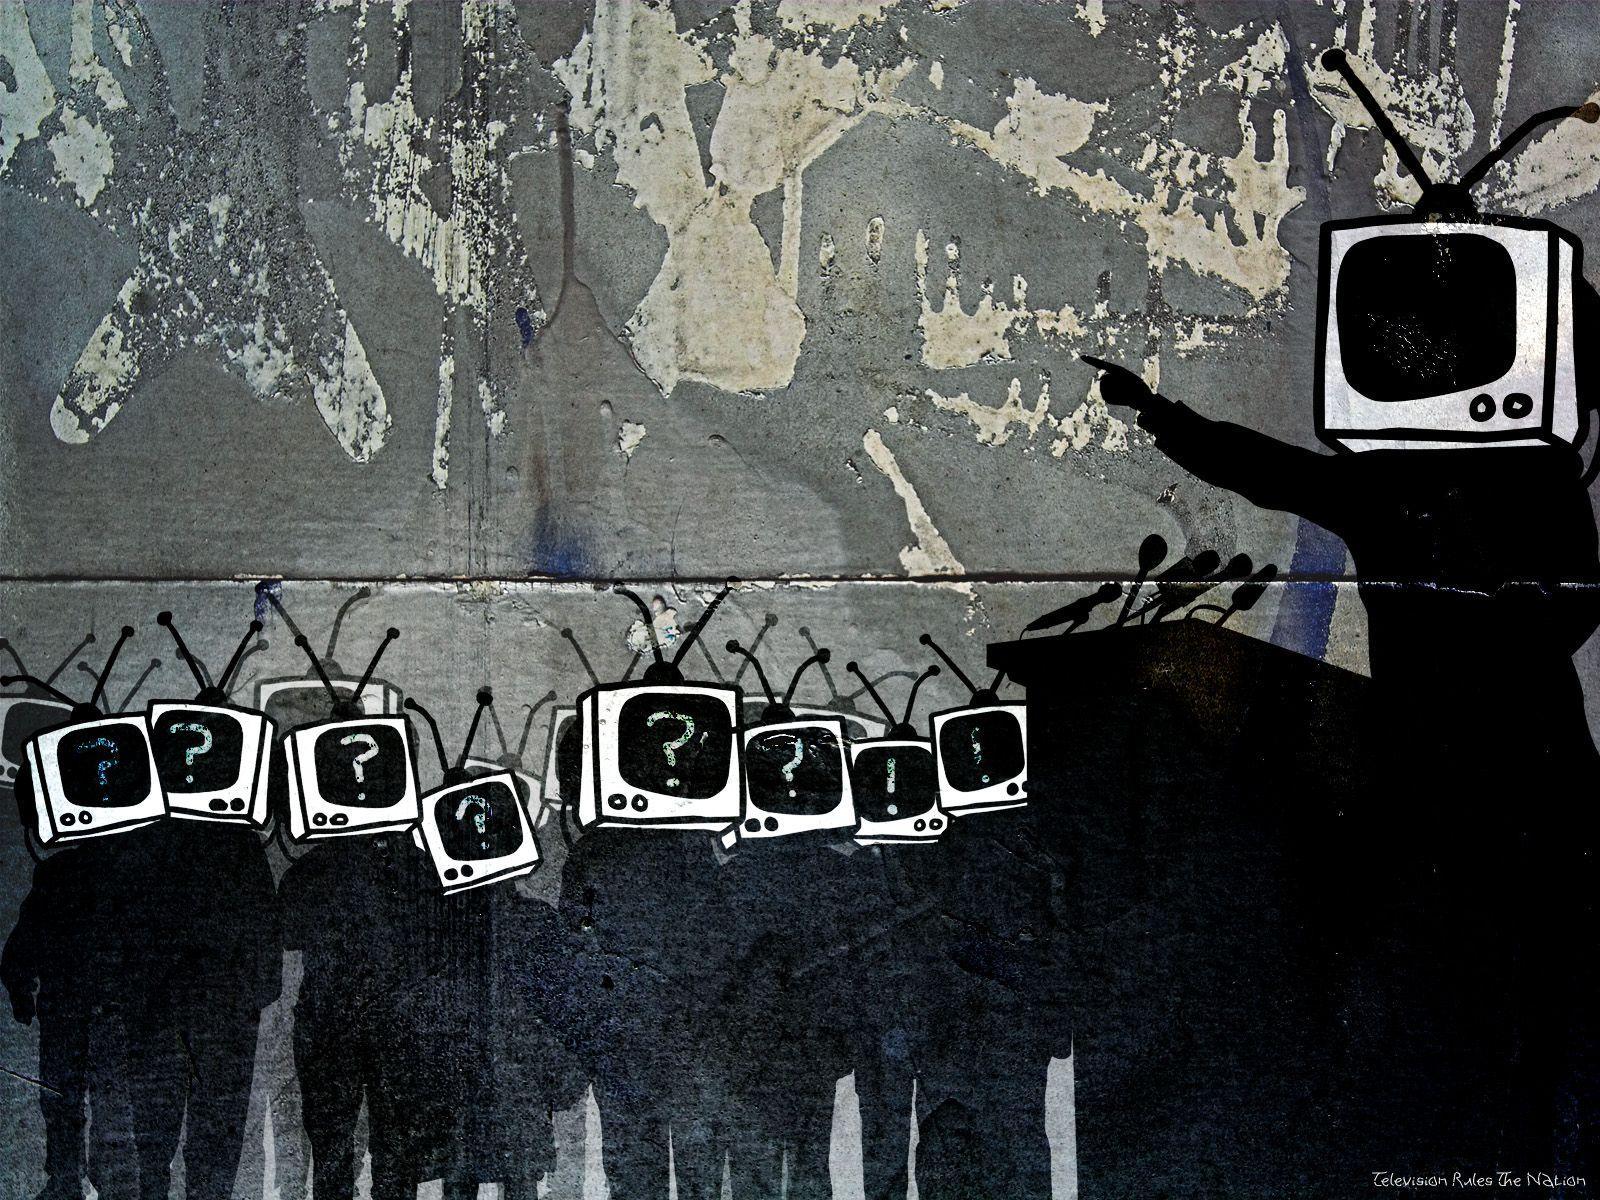 1600x1200 Hình nền nghệ thuật đường phố thành thị Nghệ thuật đường phố Quy tắc truyền hình The Nation